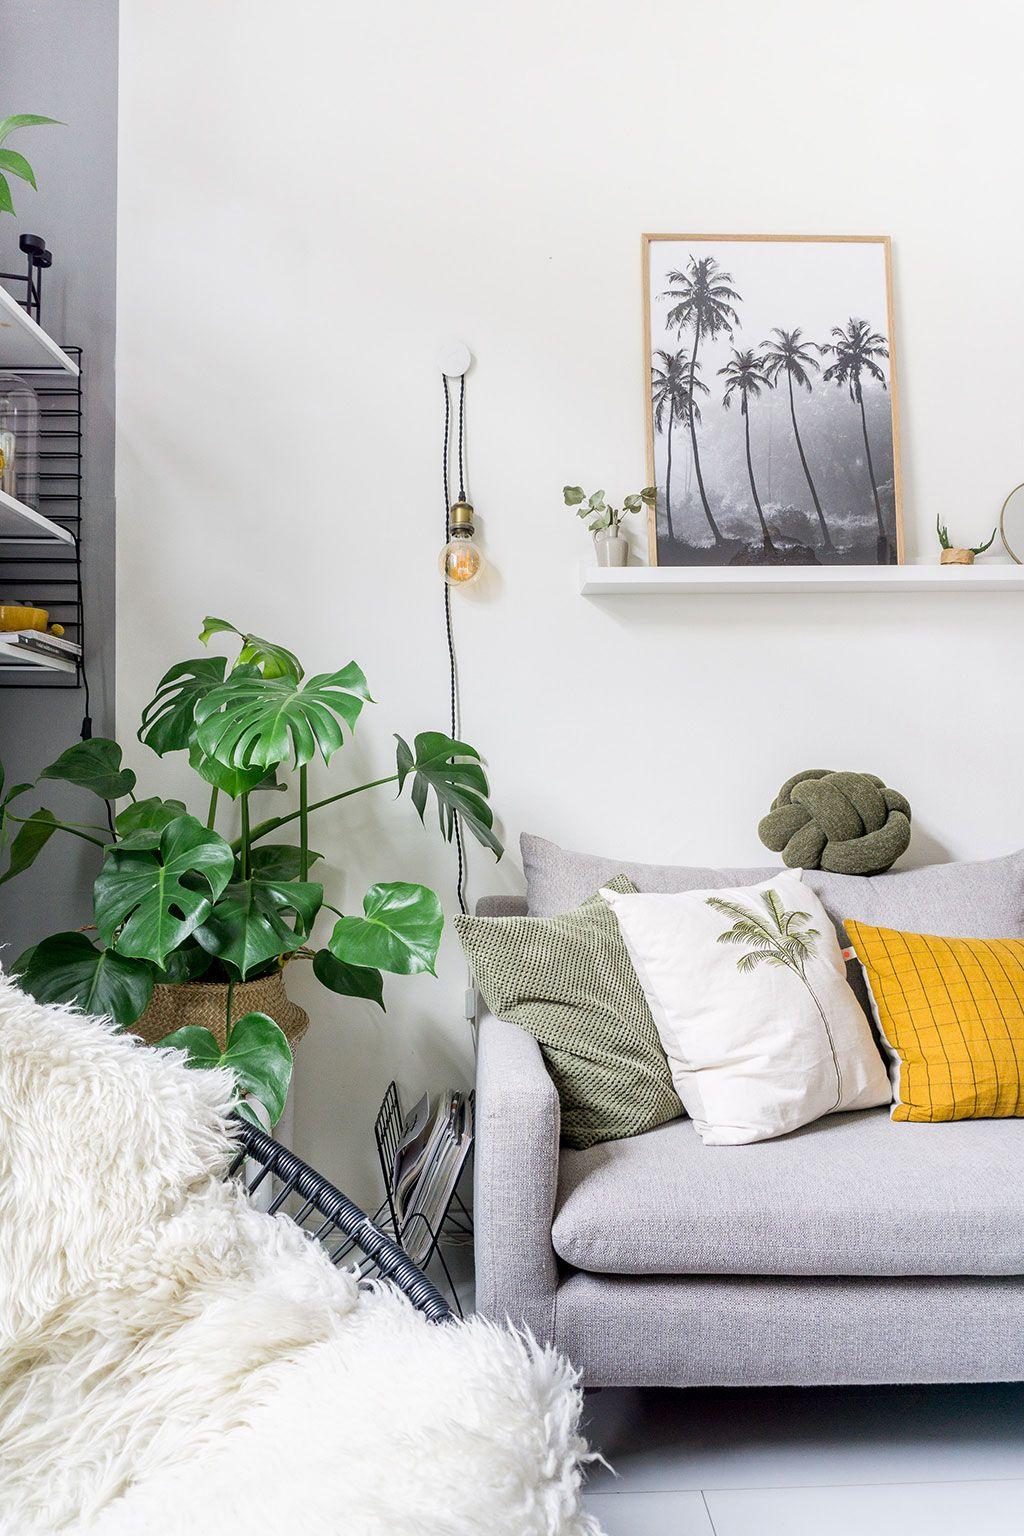 Ideeen Opdoen Voor Woonkamer.Binnenkijken Bij Sifra Het Huis Als Hobby Groen Interieur